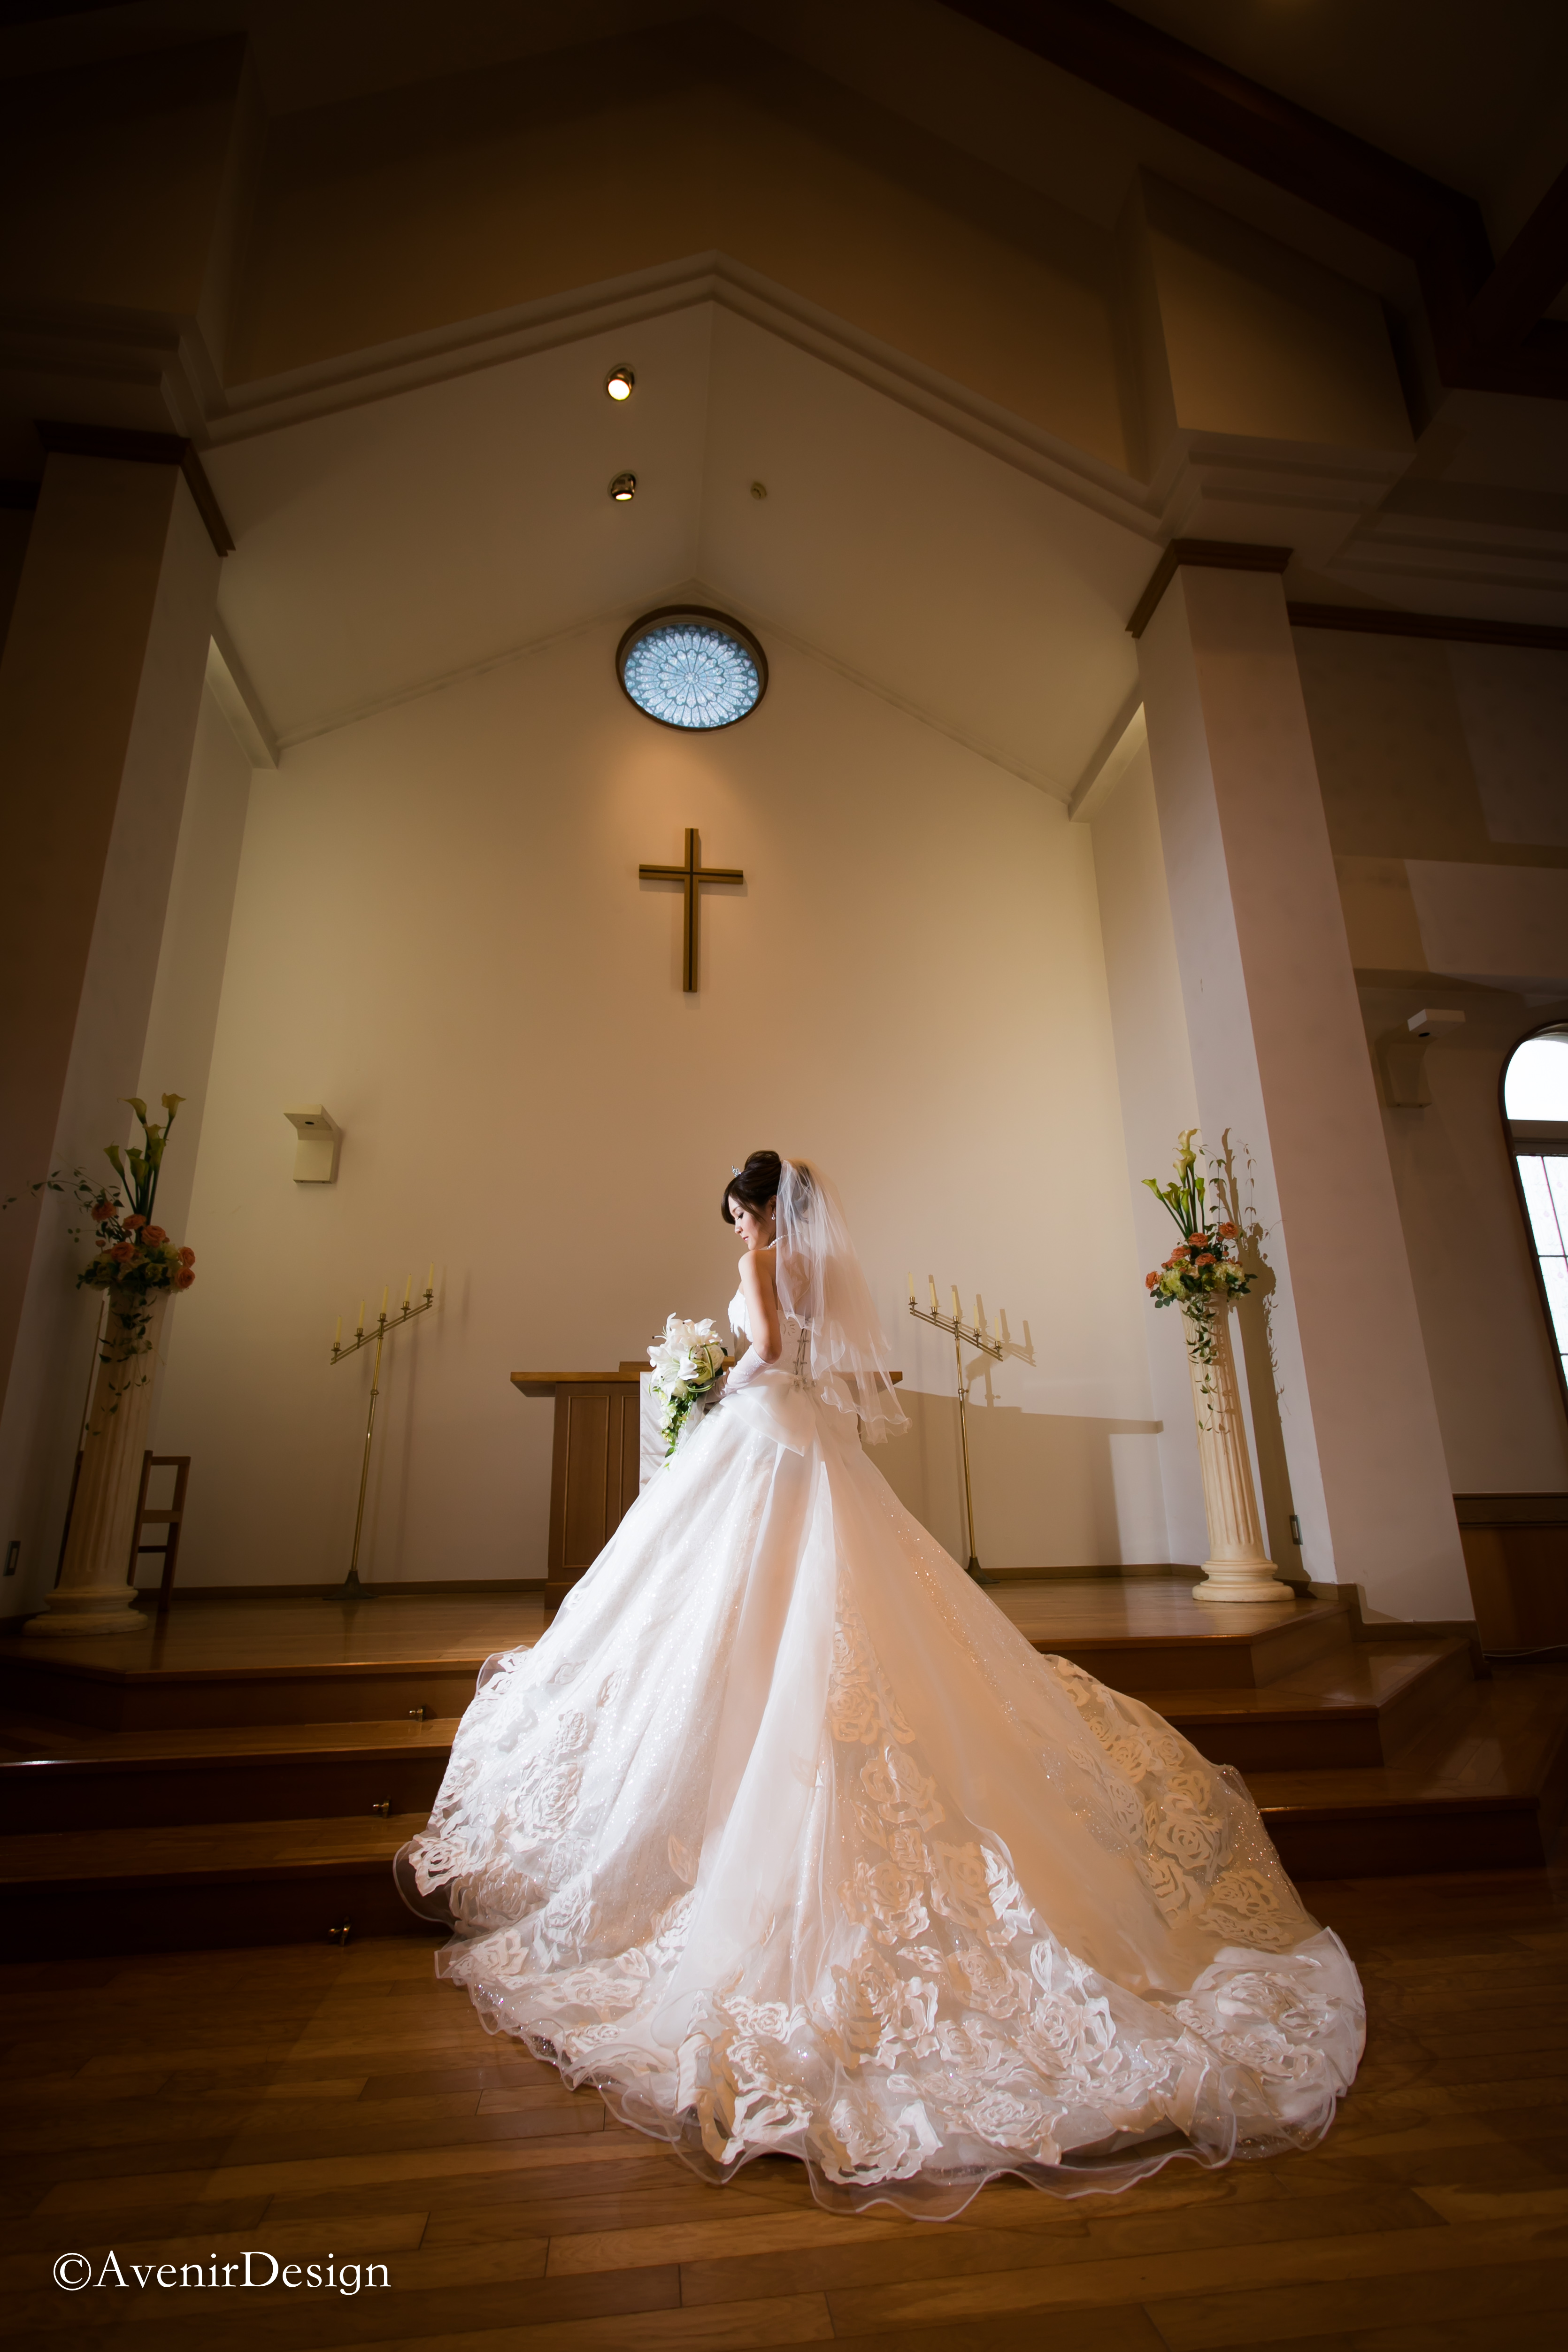 【熊本】チャペルで撮れるフォトウェディング*結婚記念におすすめ*